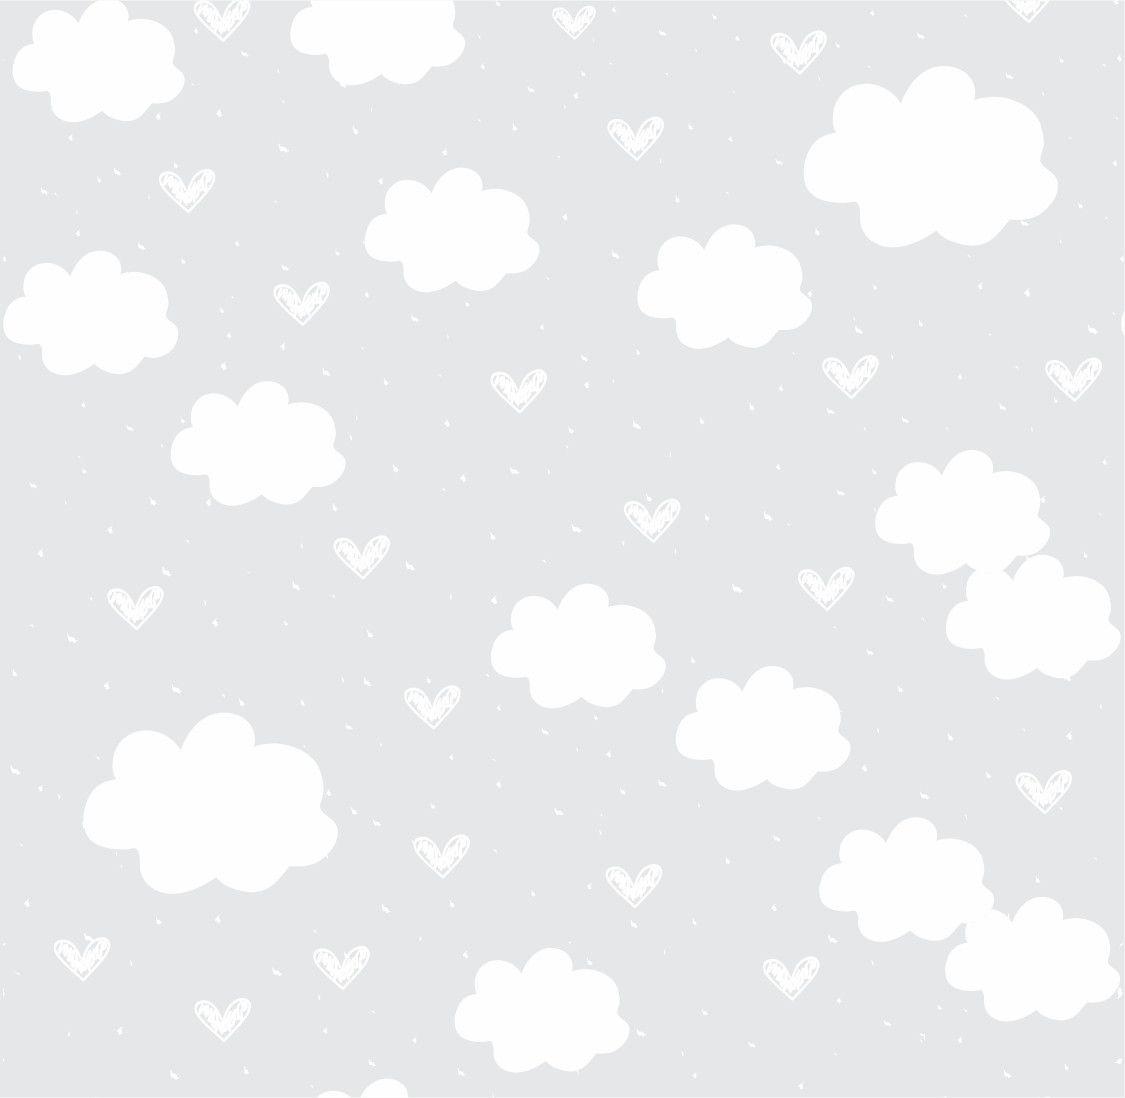 Papel de Parede Nuvens Cinza 68D96D